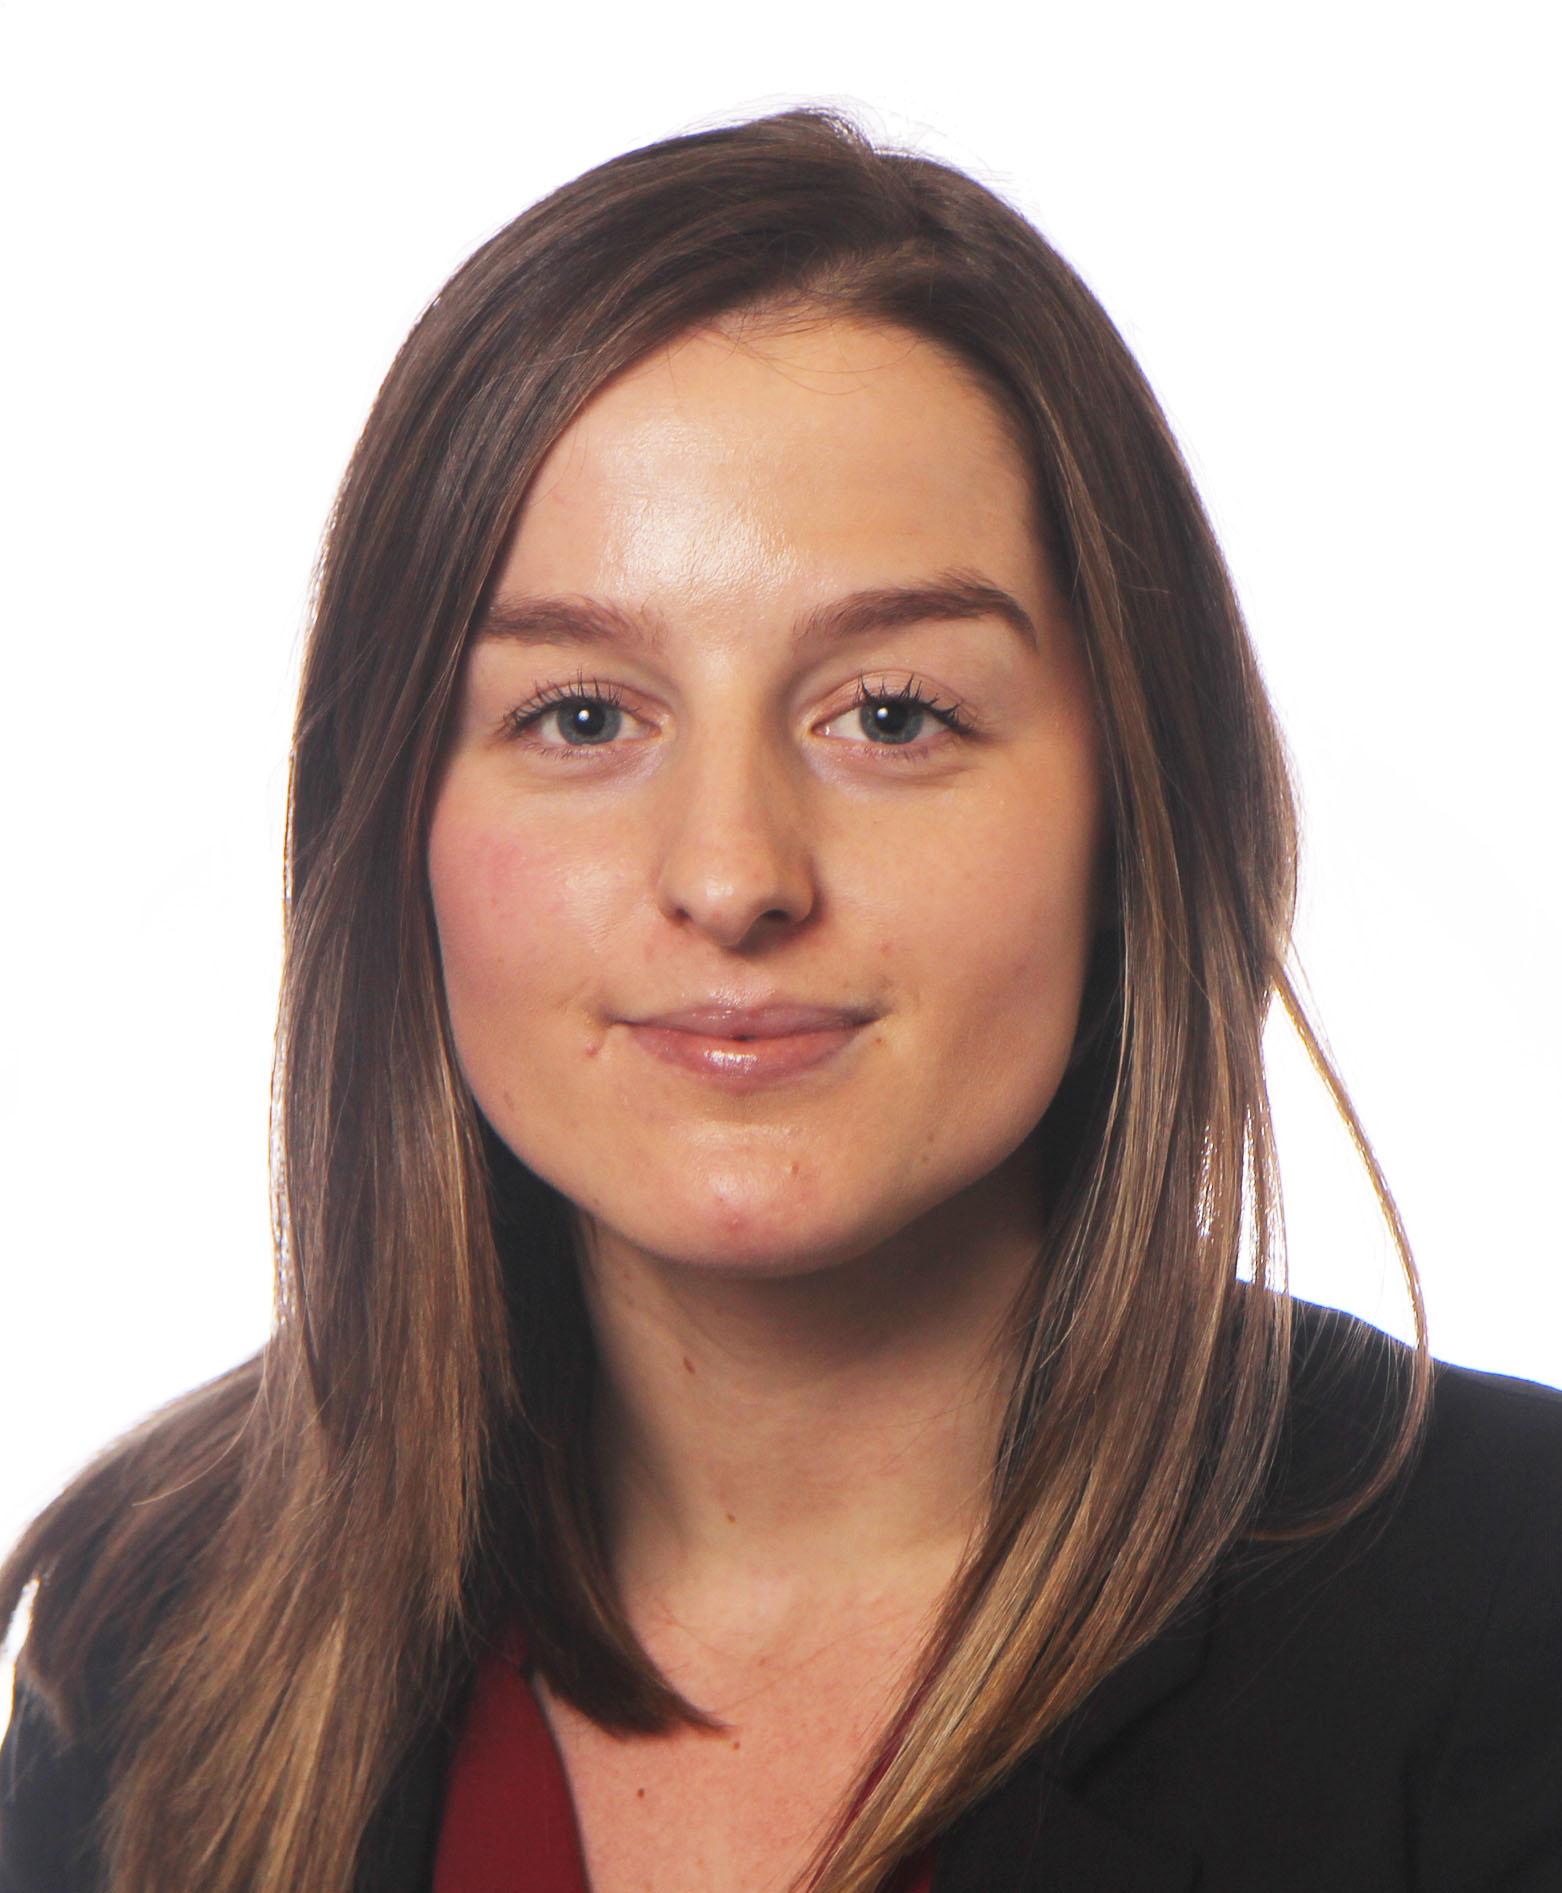 Samantha Pearson